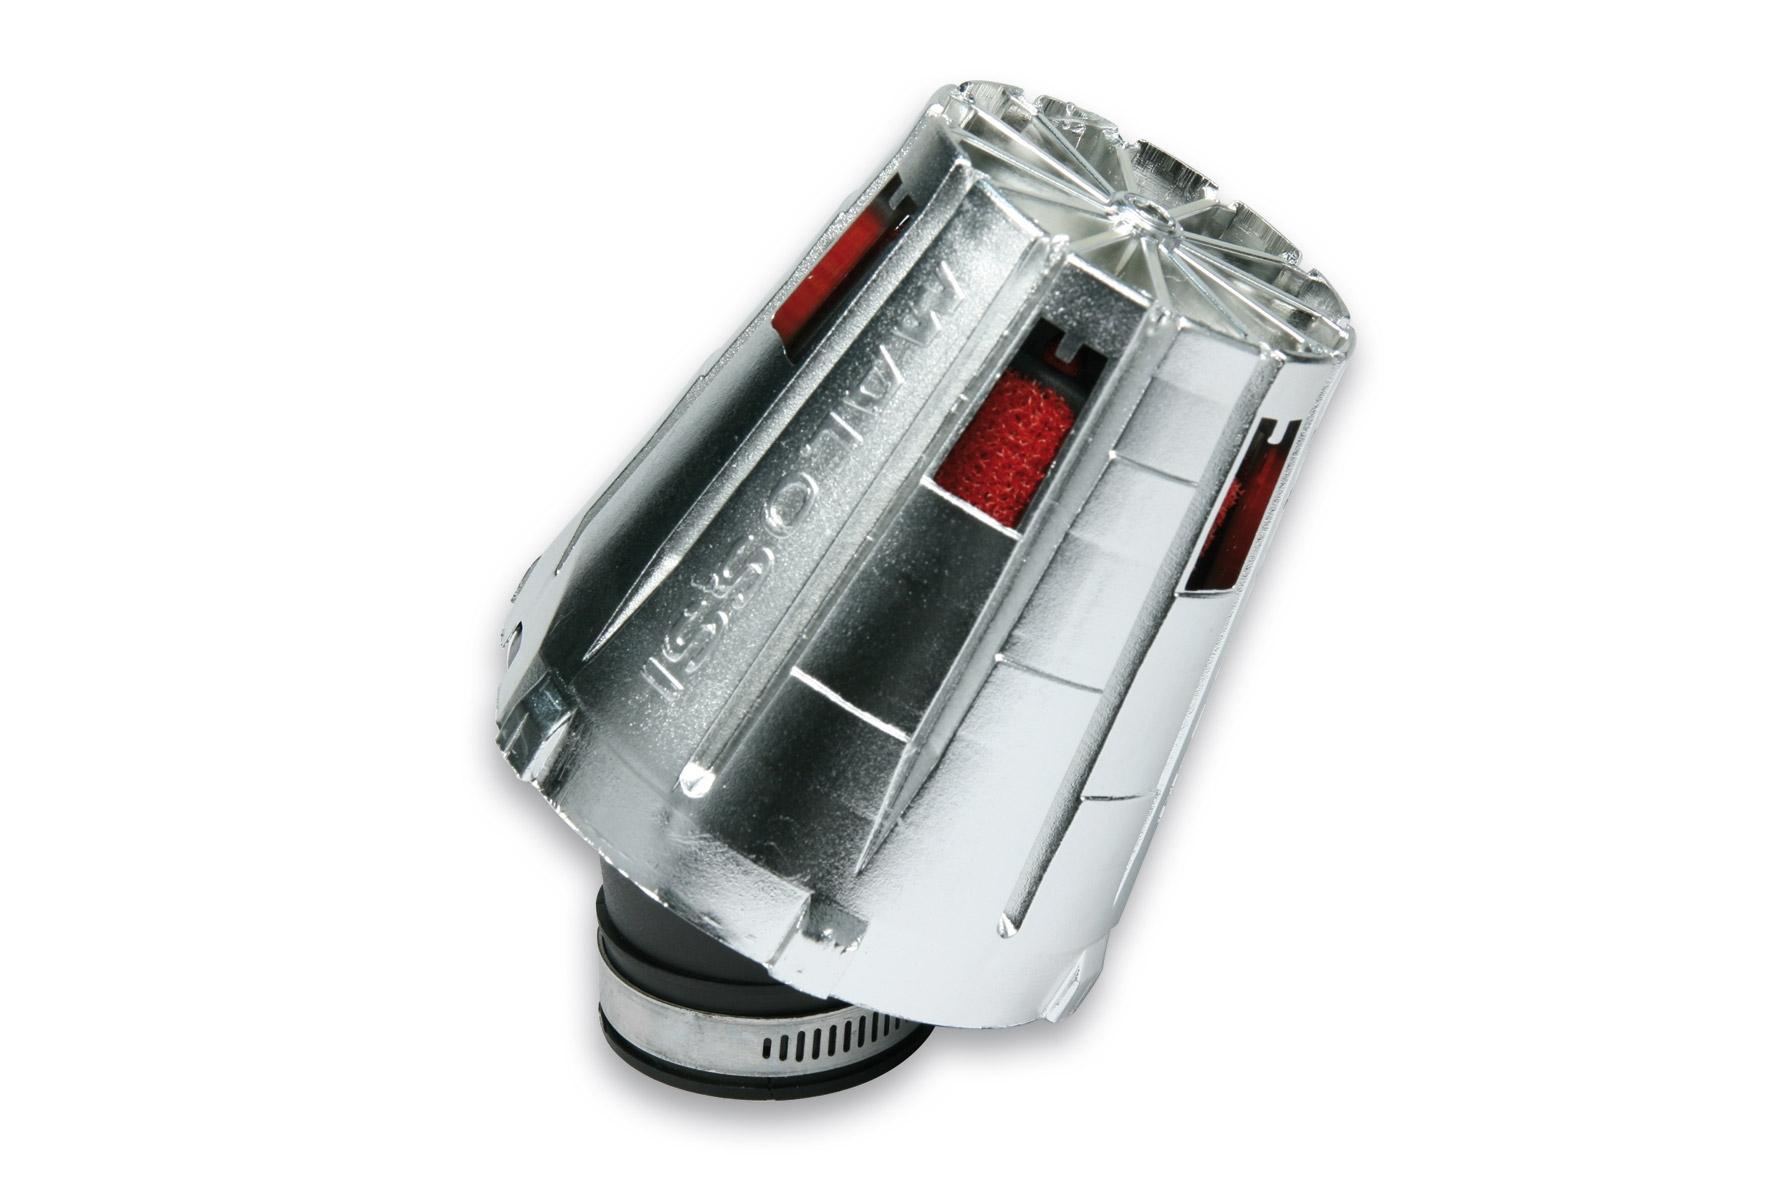 Filtre à air Malossi Red Filter E5 D.48 incliné 30 couvercle chromé